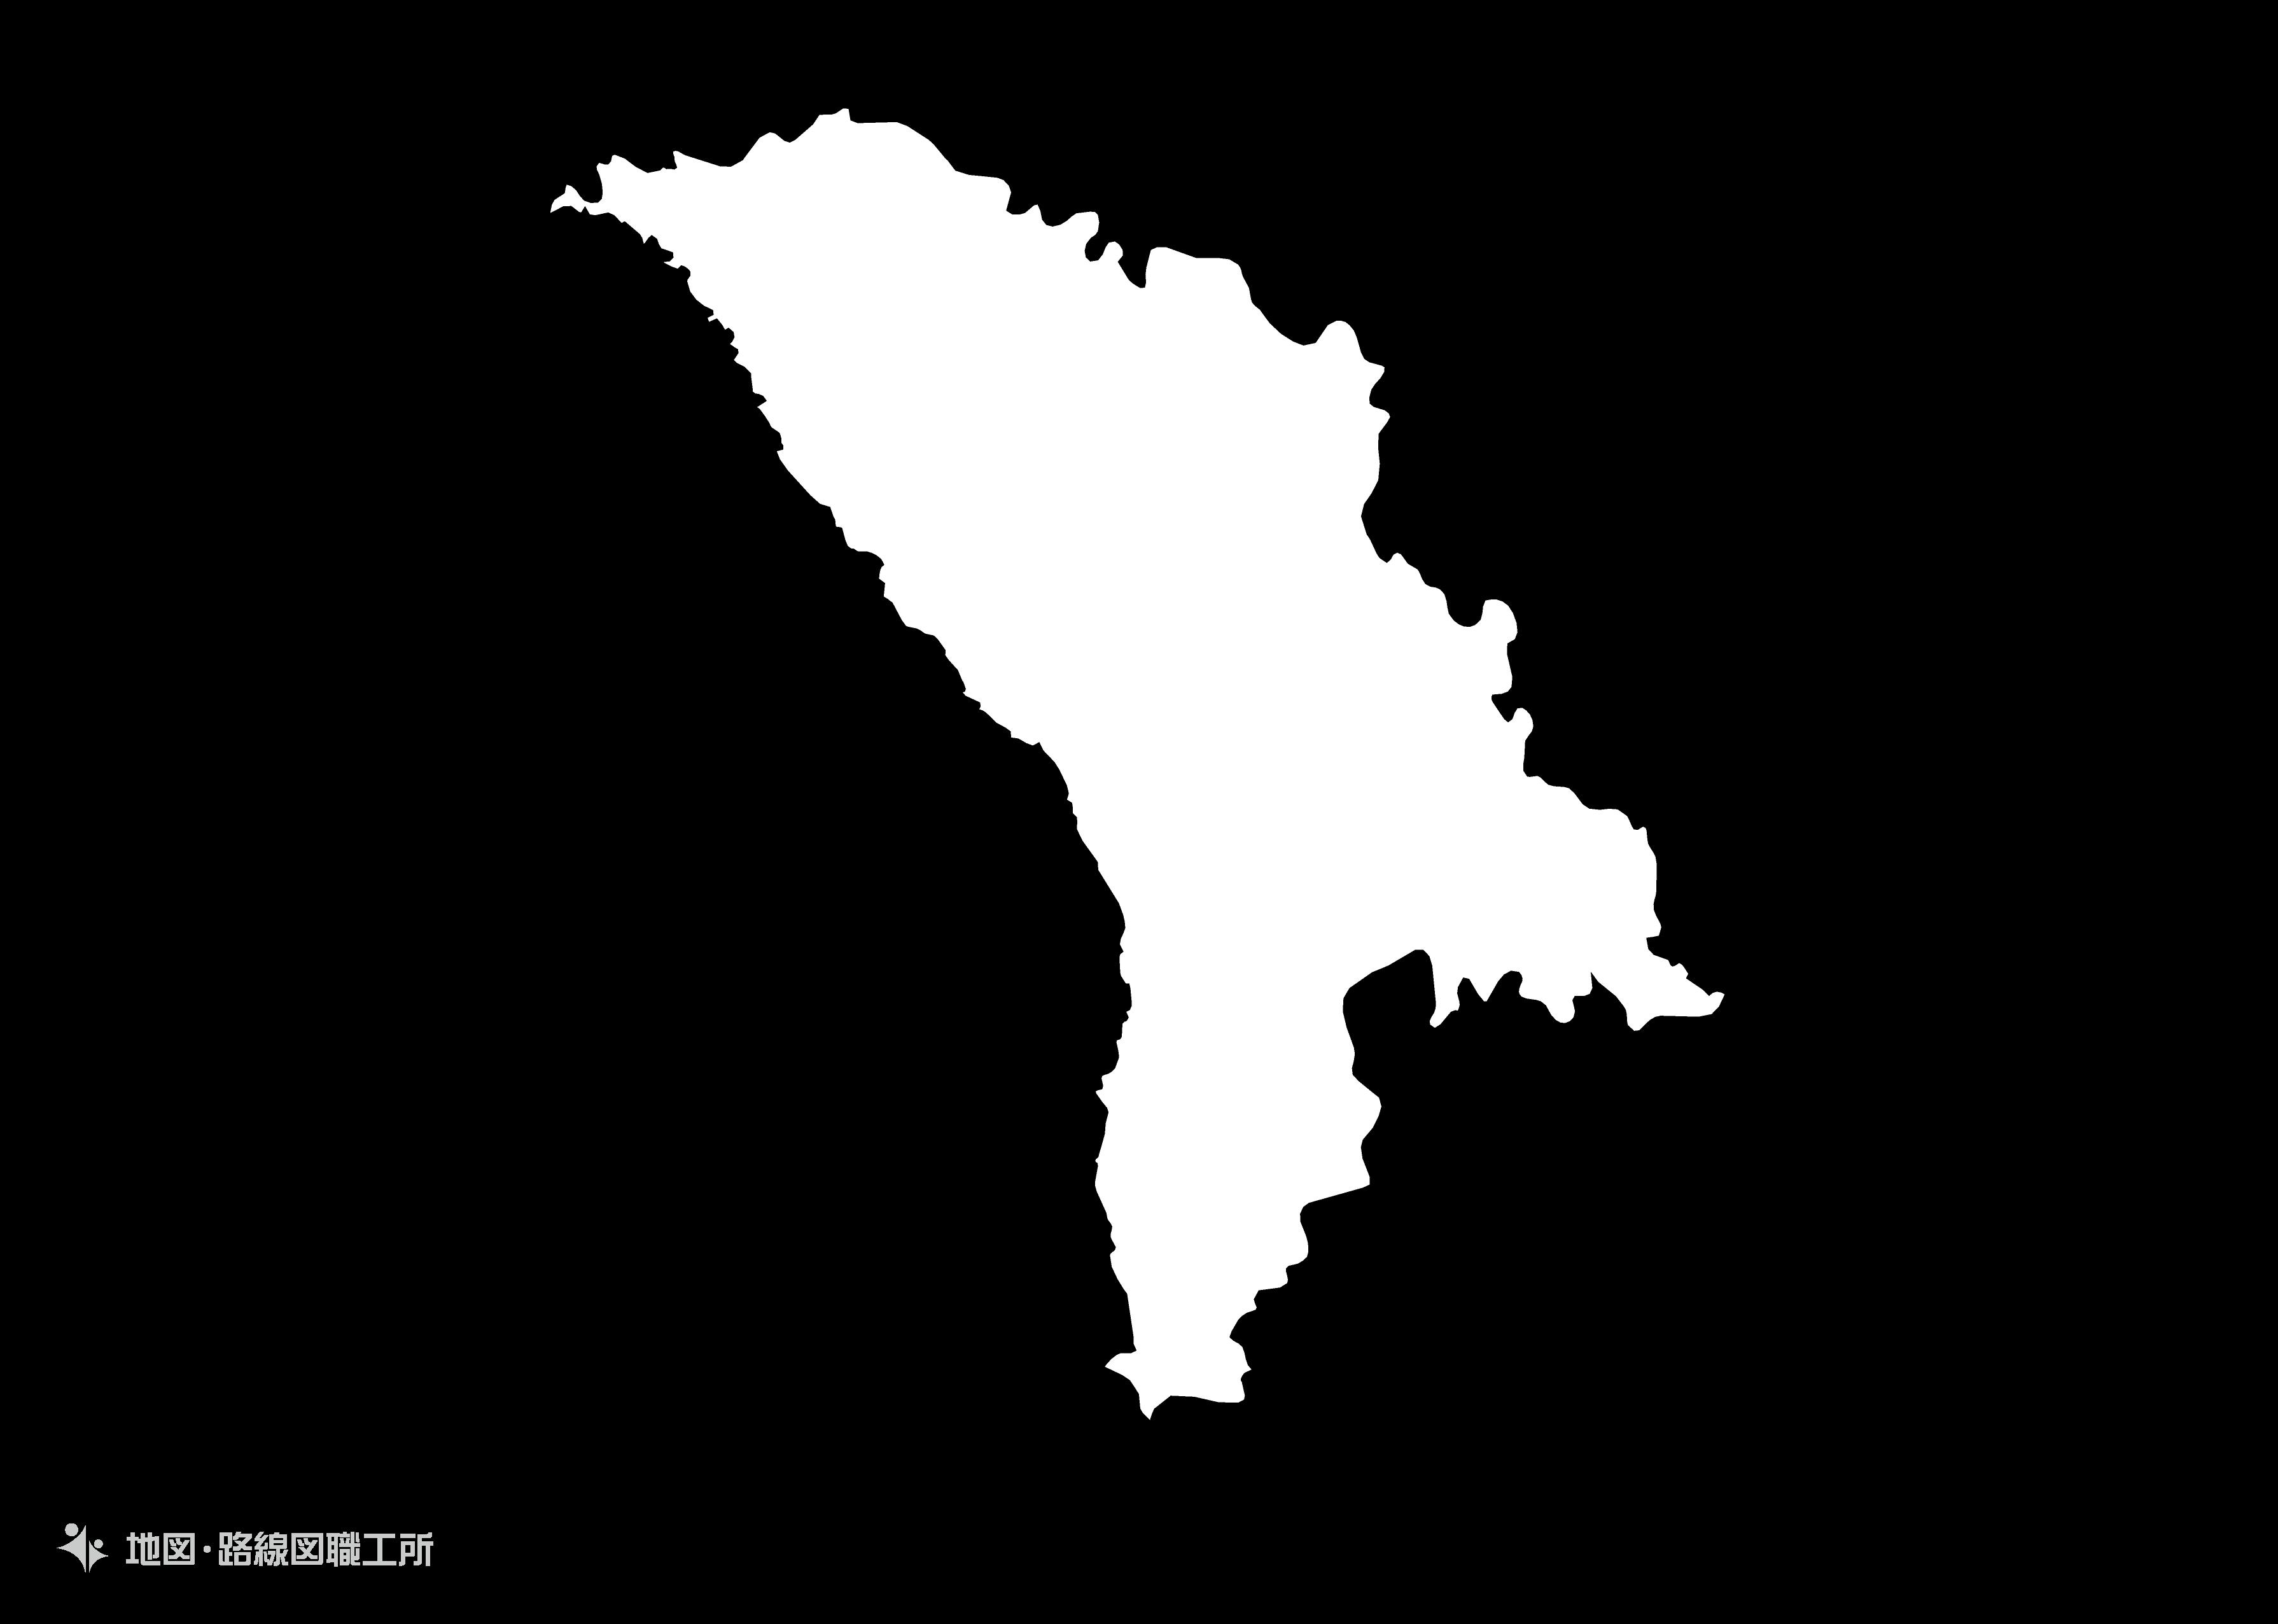 世界の白地図 モルドバ共和国 republic-of-moldova map